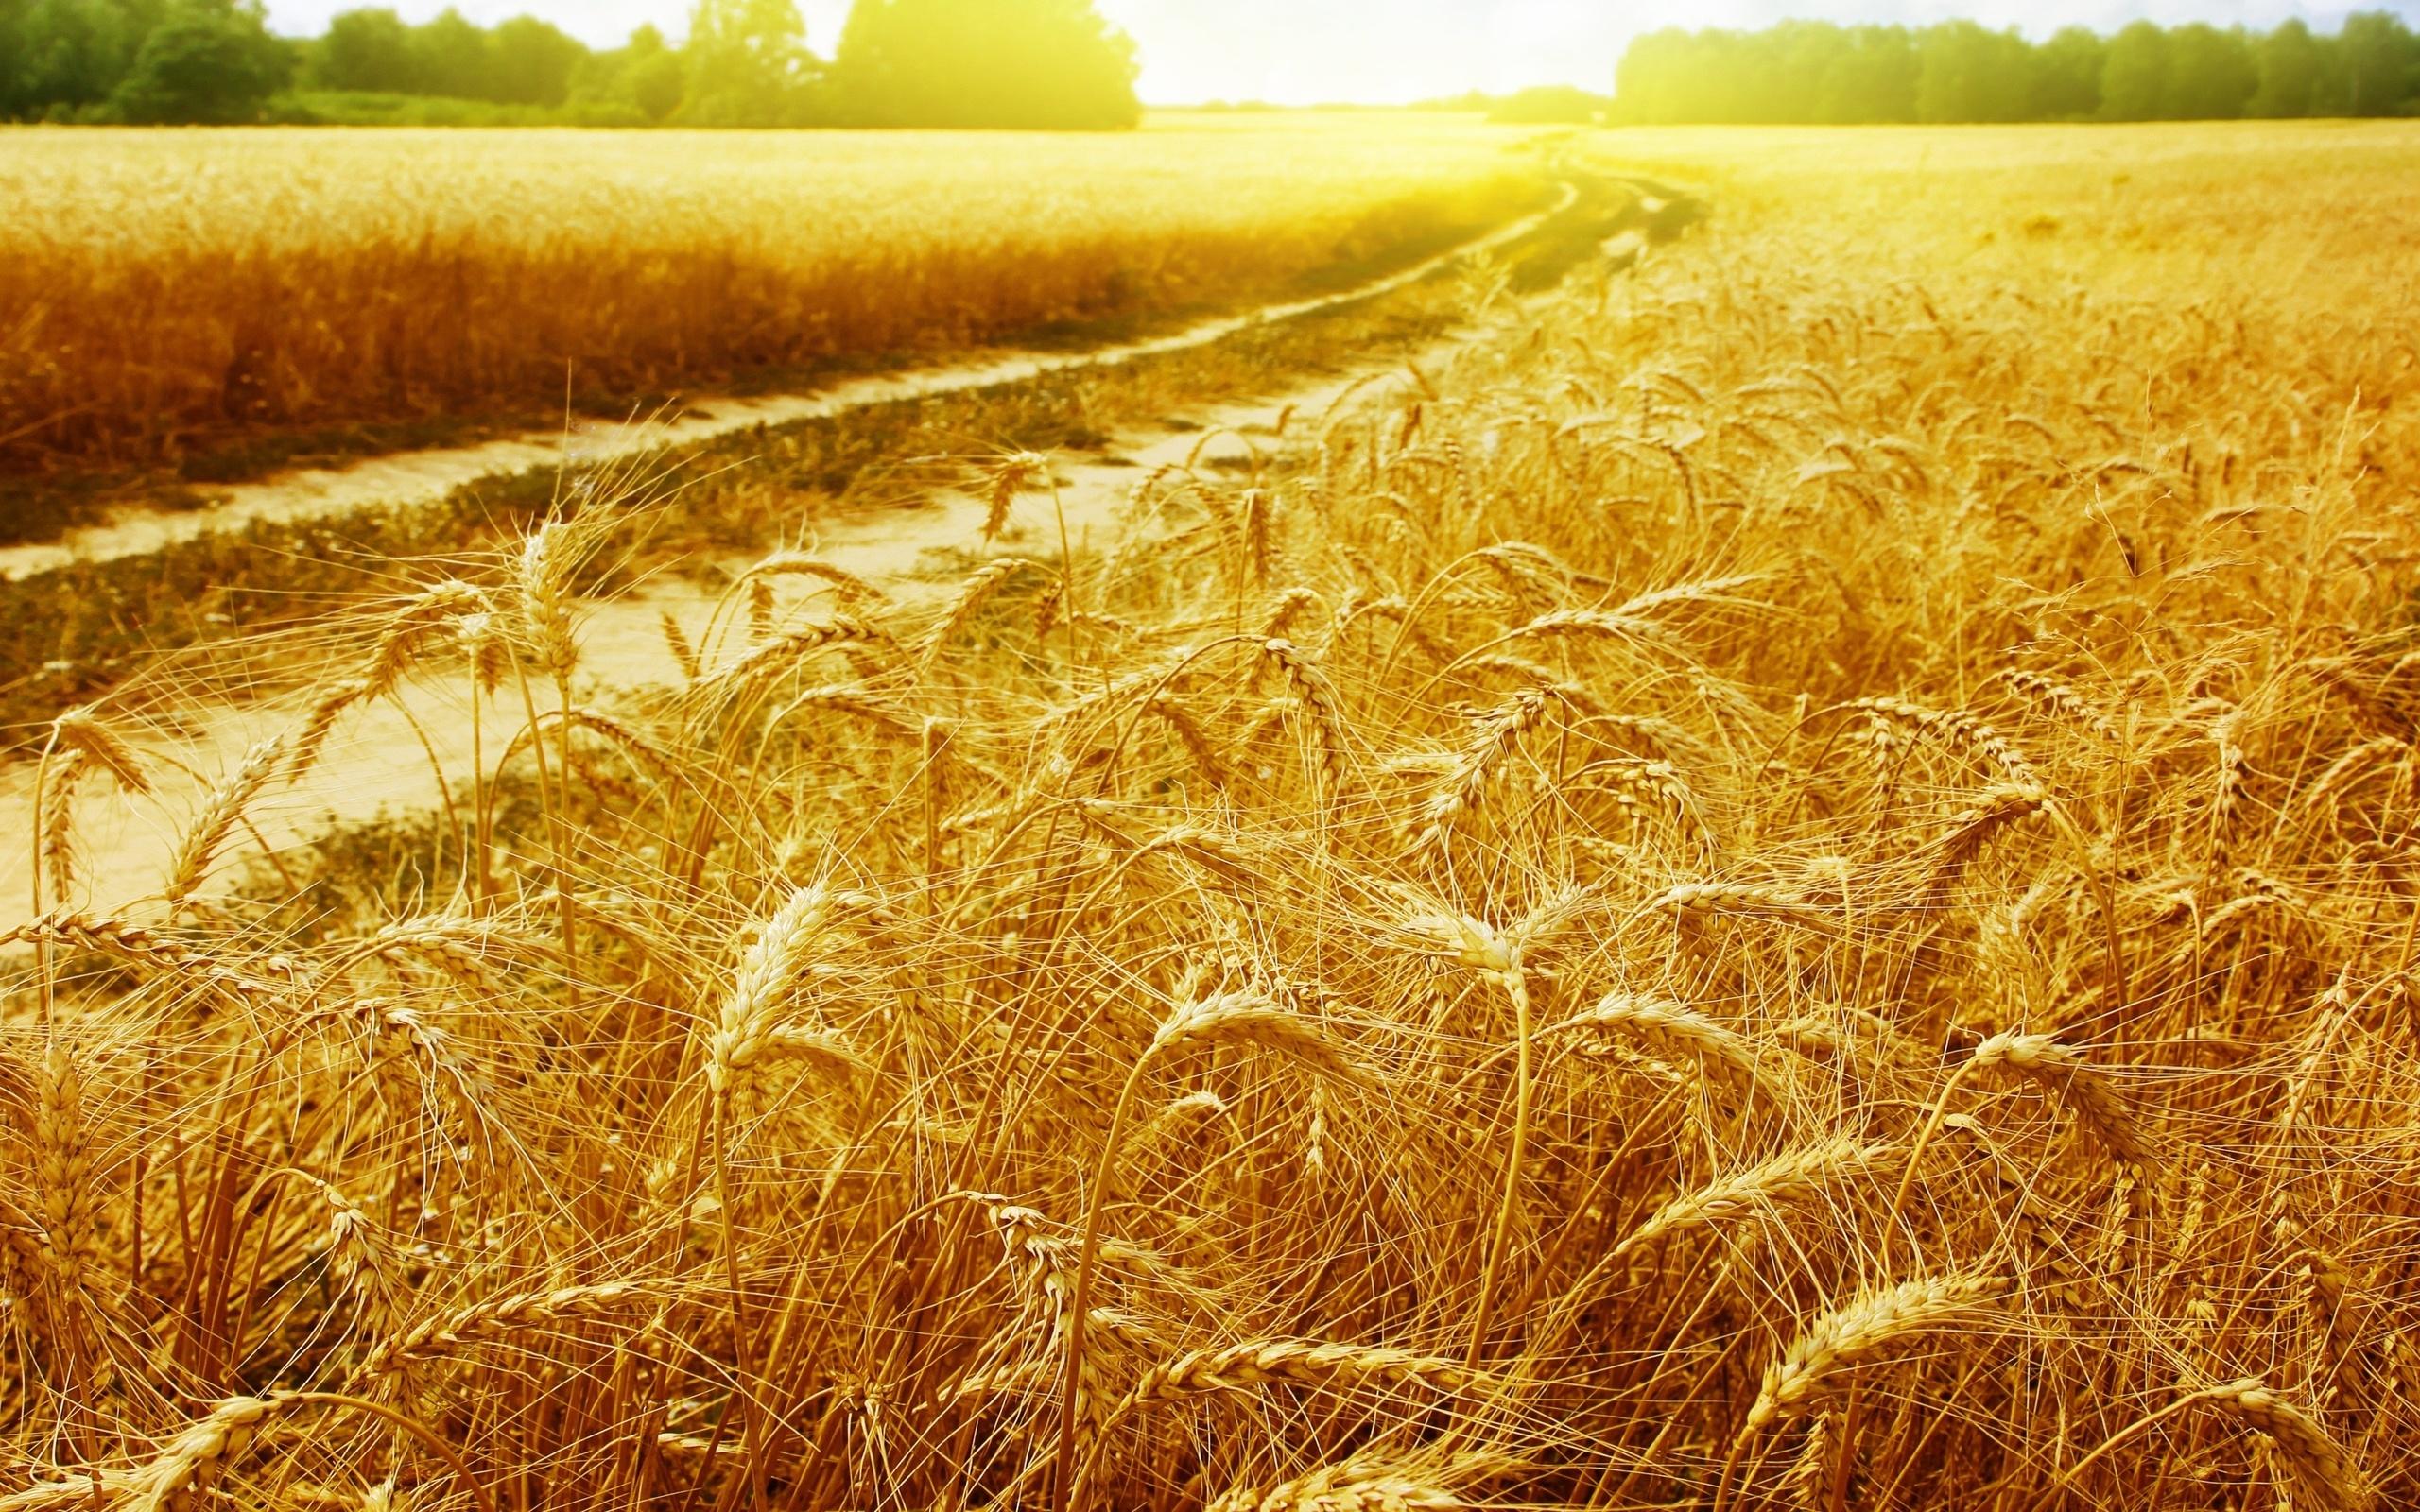 Открытка любимая, картинки лето поле пшеницы